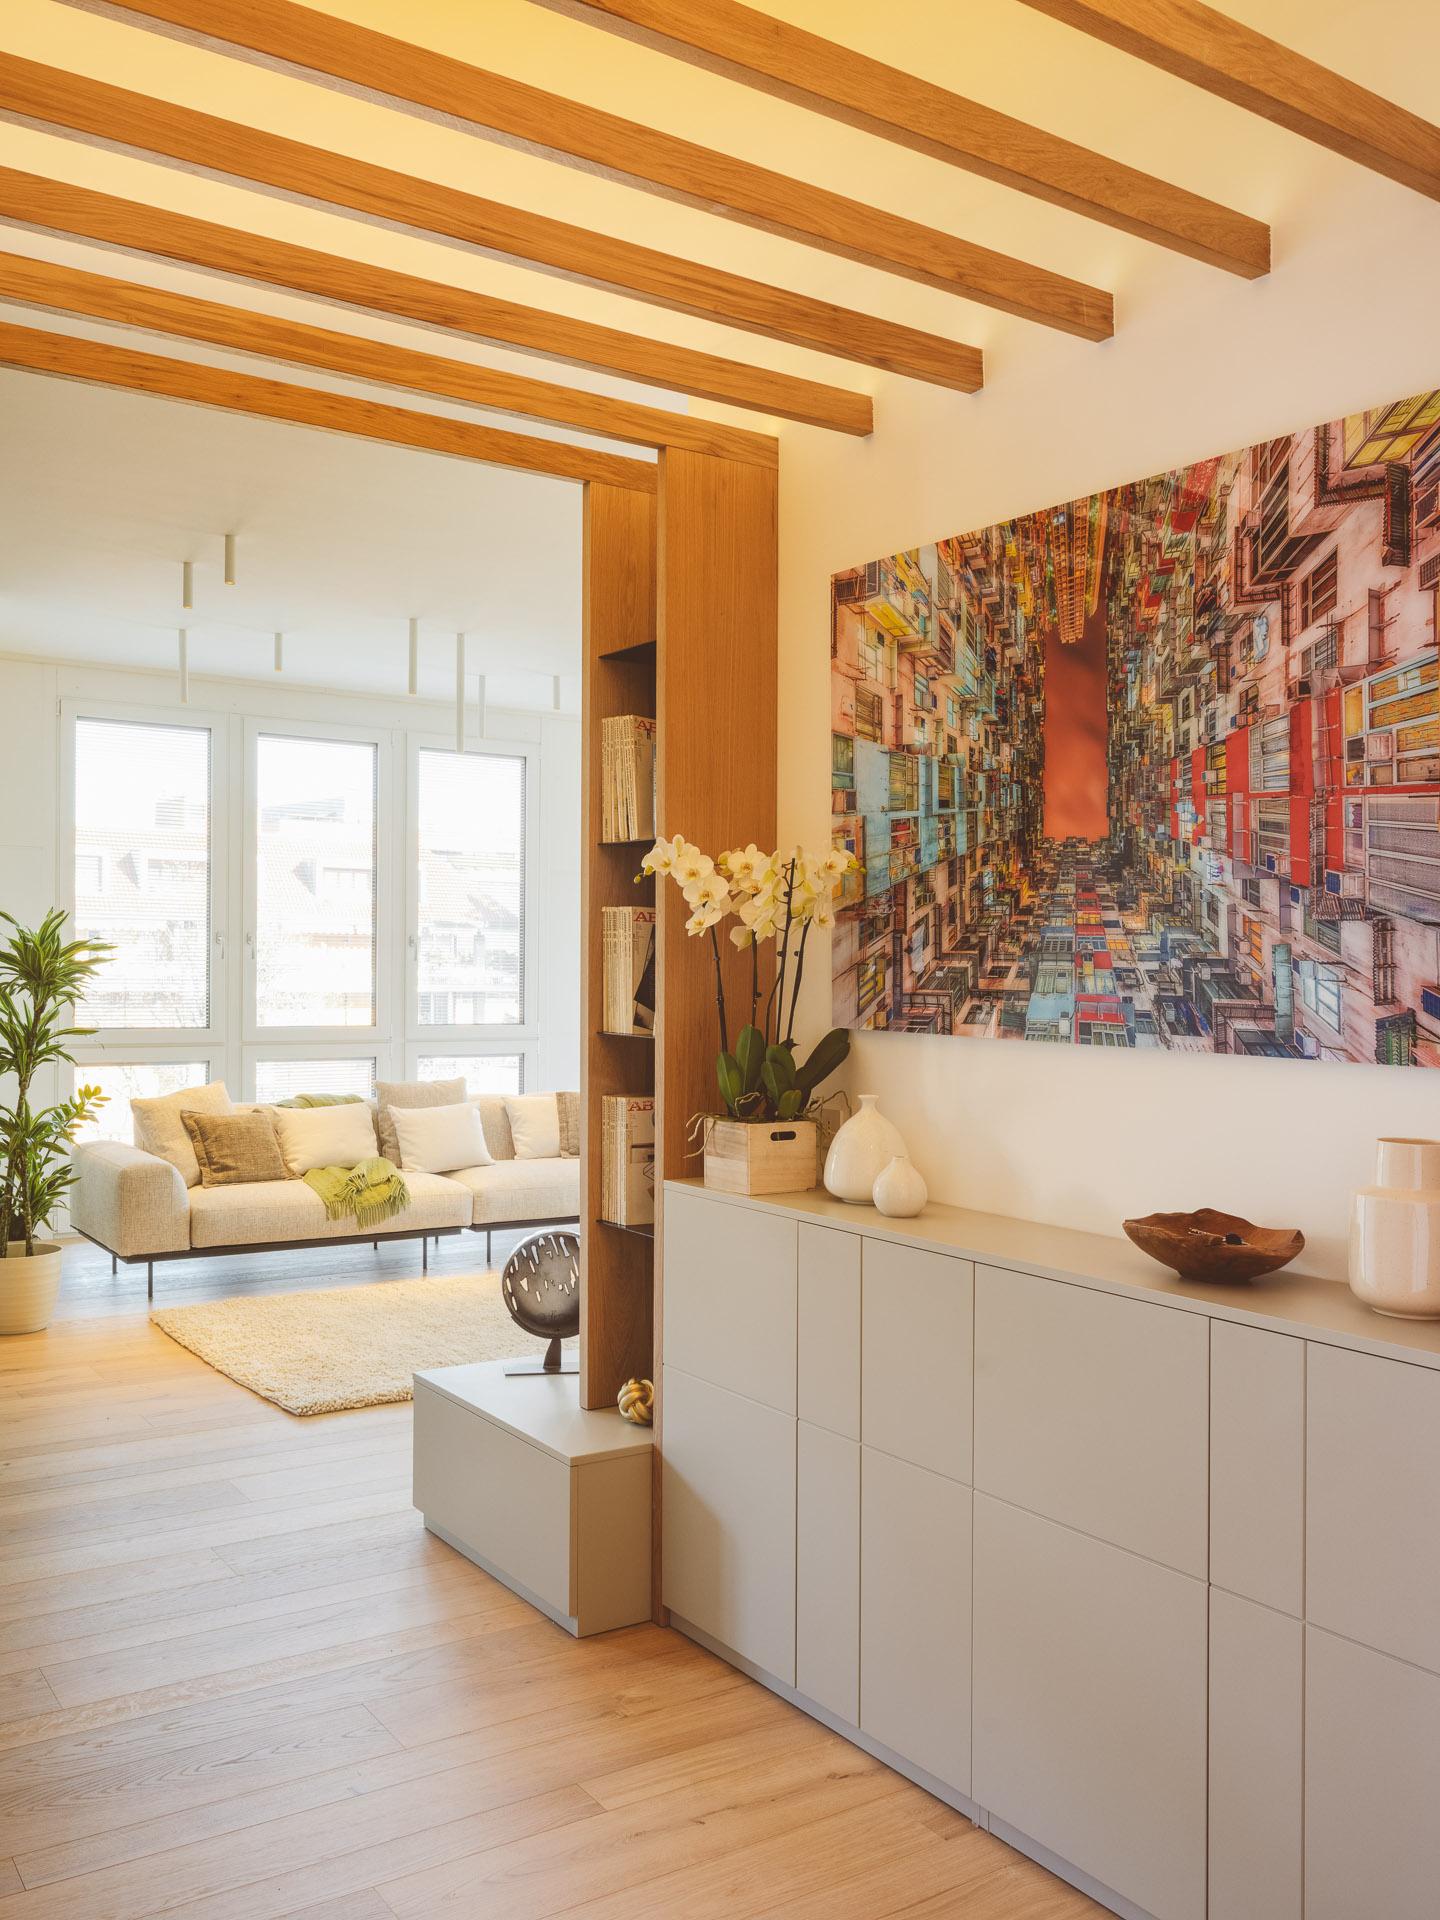 Progetti soggiorno foto creo casa milano cucine for Soggiorno foto